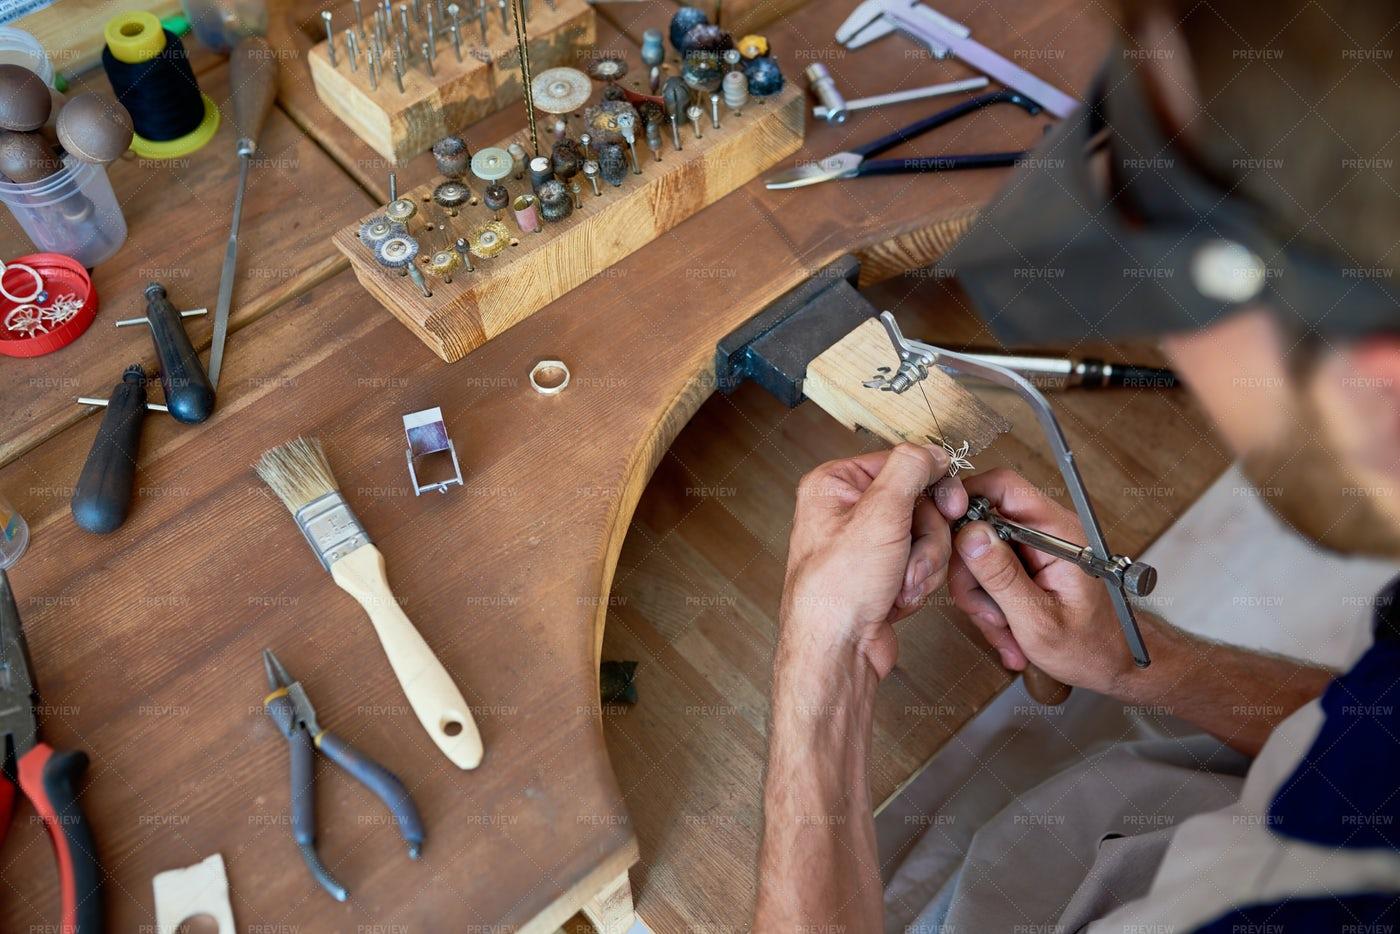 Craftsman Making Metal Flower: Stock Photos